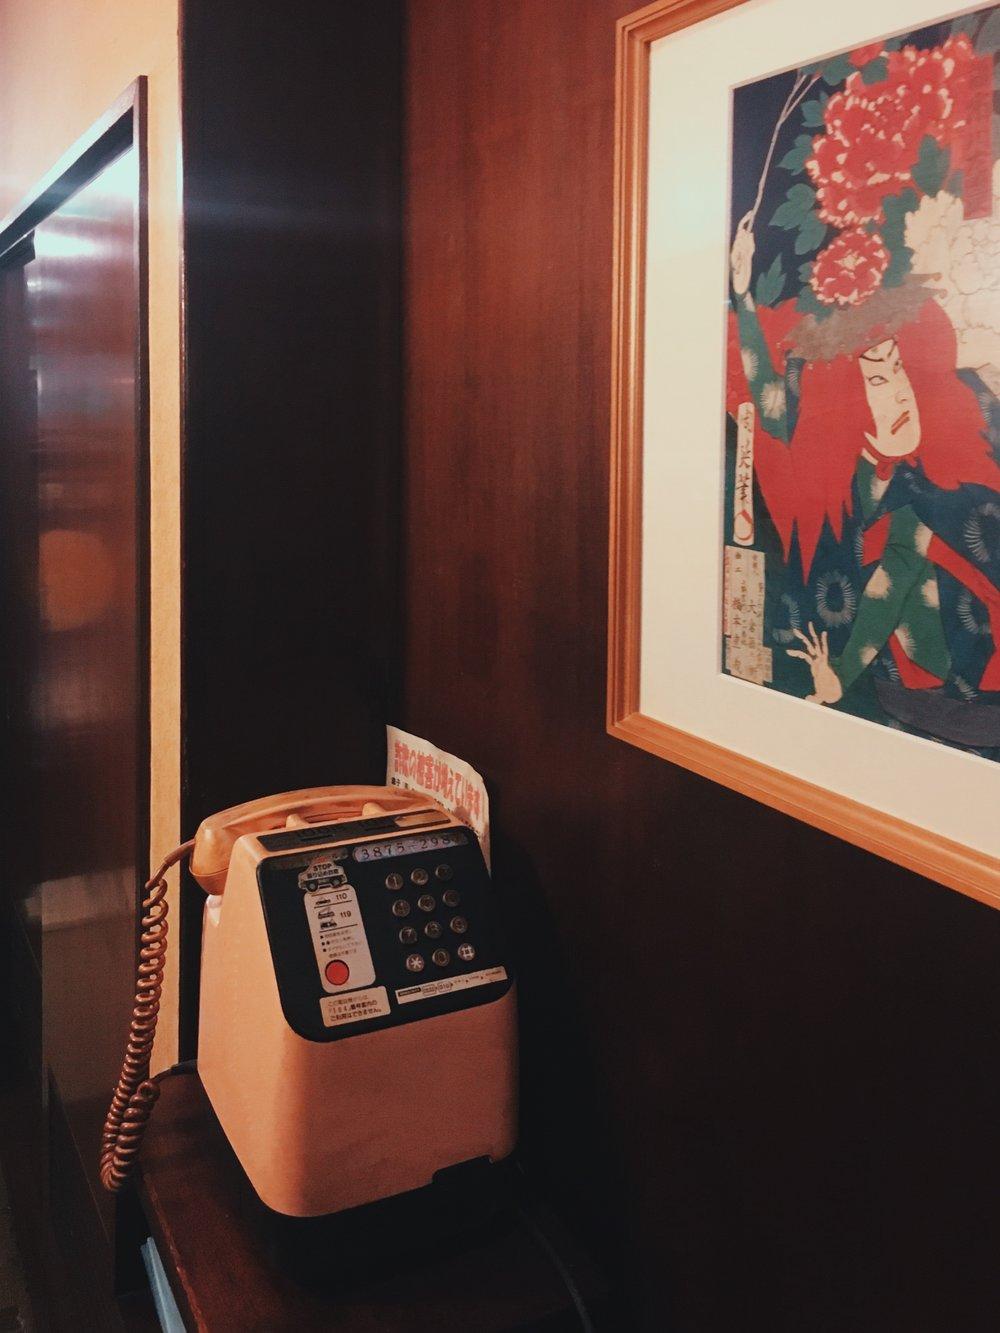 Pink kissaten telephone, Tokyo